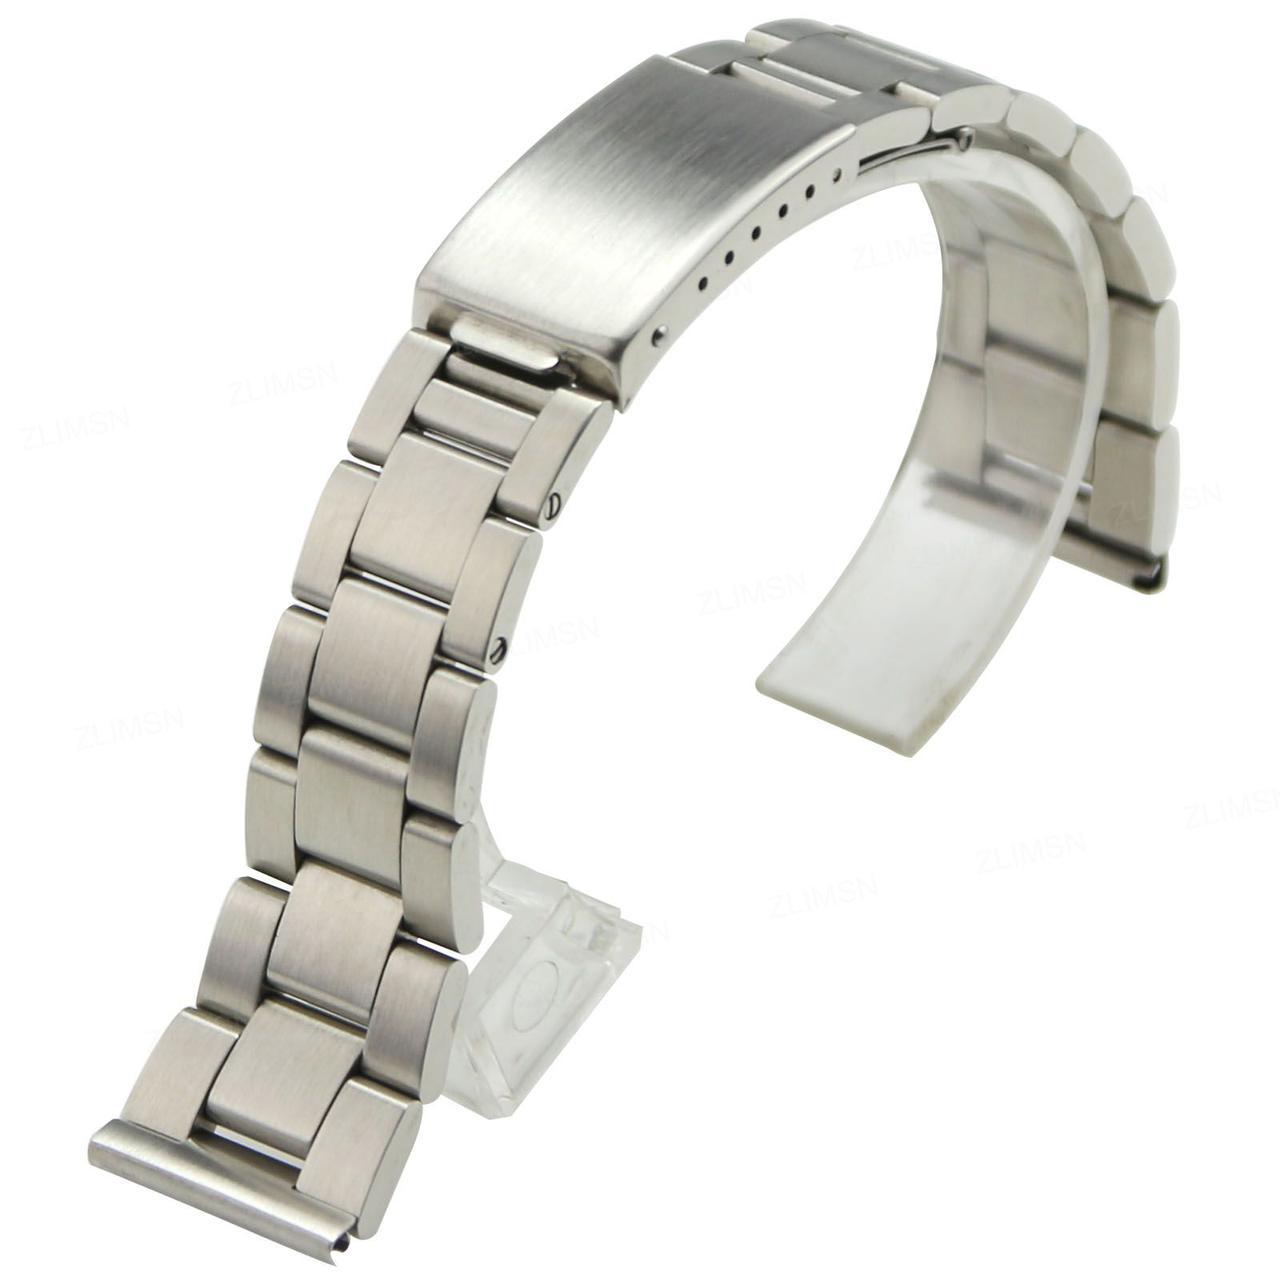 Браслет для годинника з нержавіючої сталі, литої, матовий . 20-й розмір.